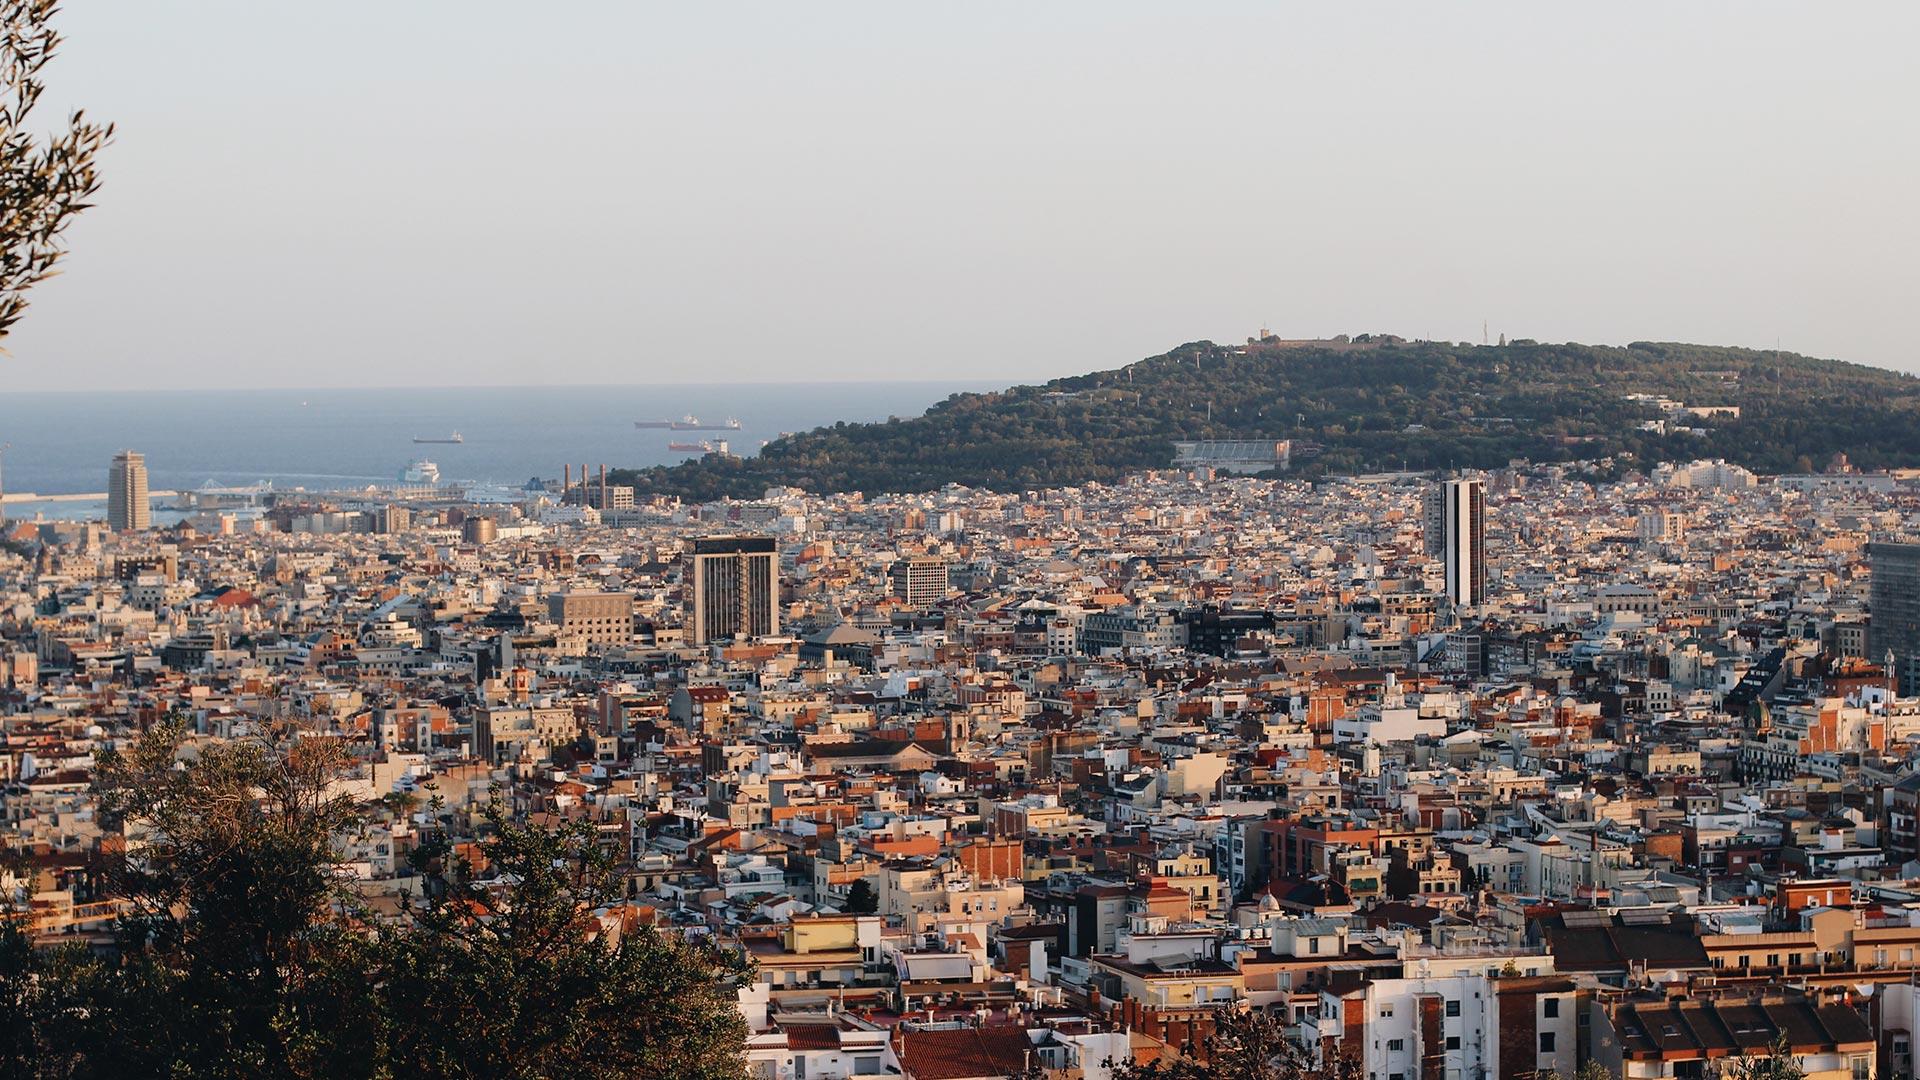 Ciudades - FOTOS y VÍDEOS 360 para descargar - Descargas360.com